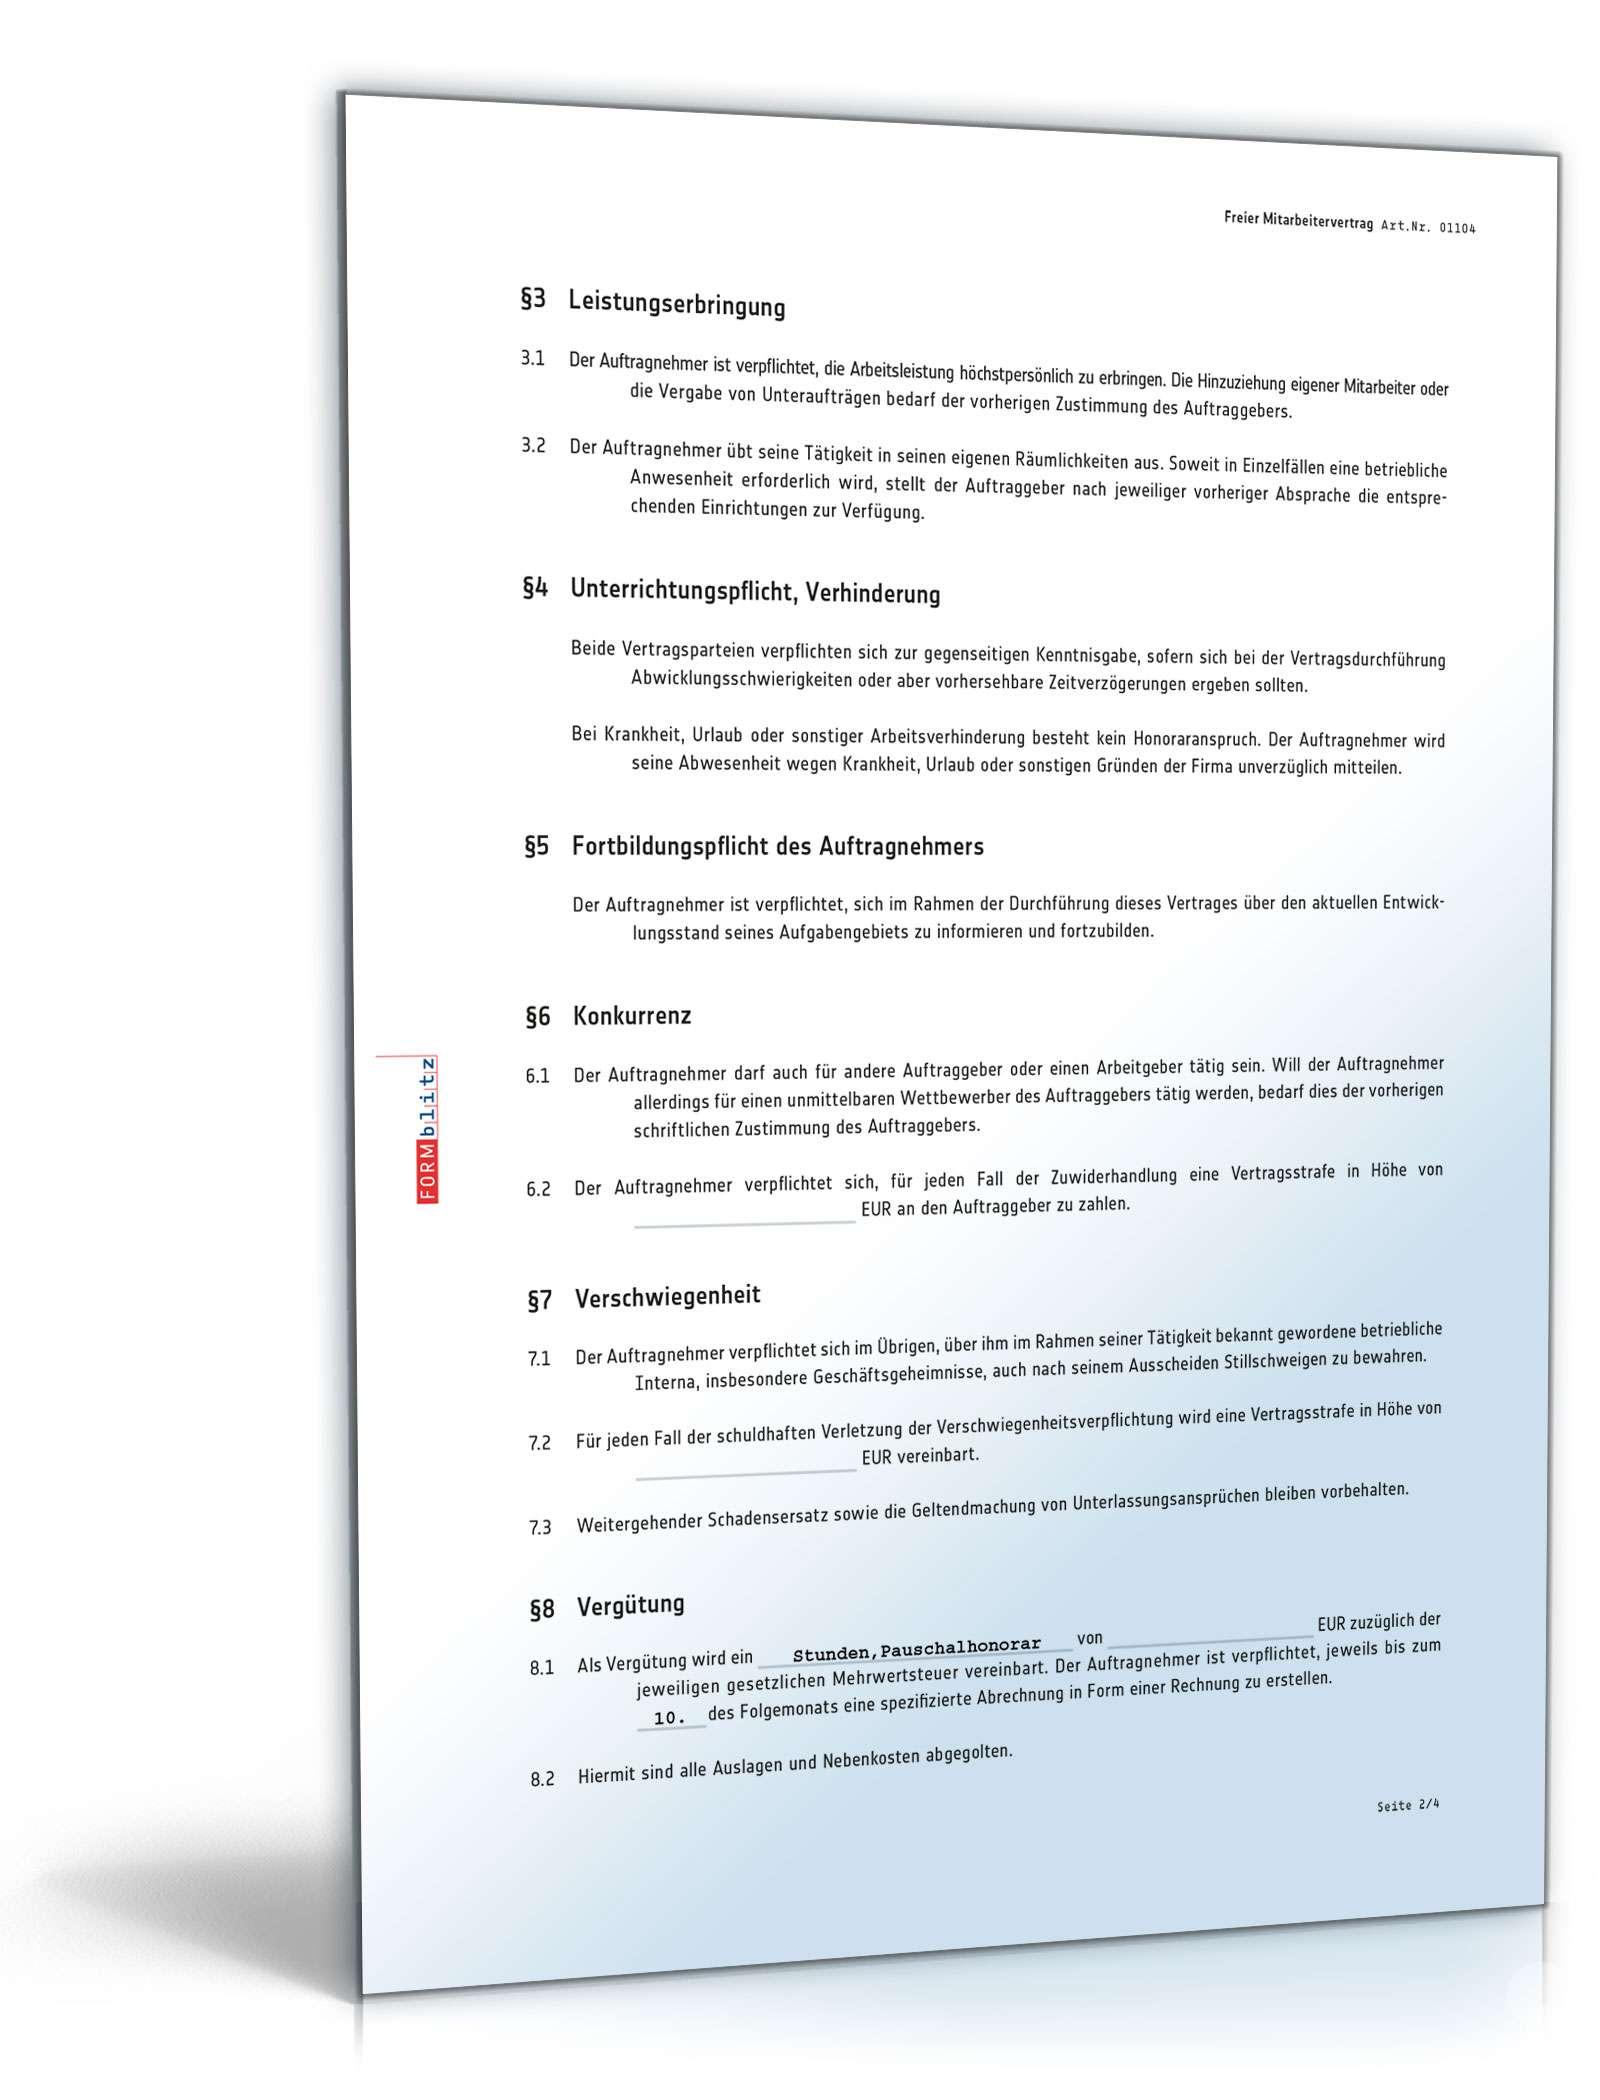 Freier Mitarbeiter Vertrag Rechtssicheres Muster Downloaden